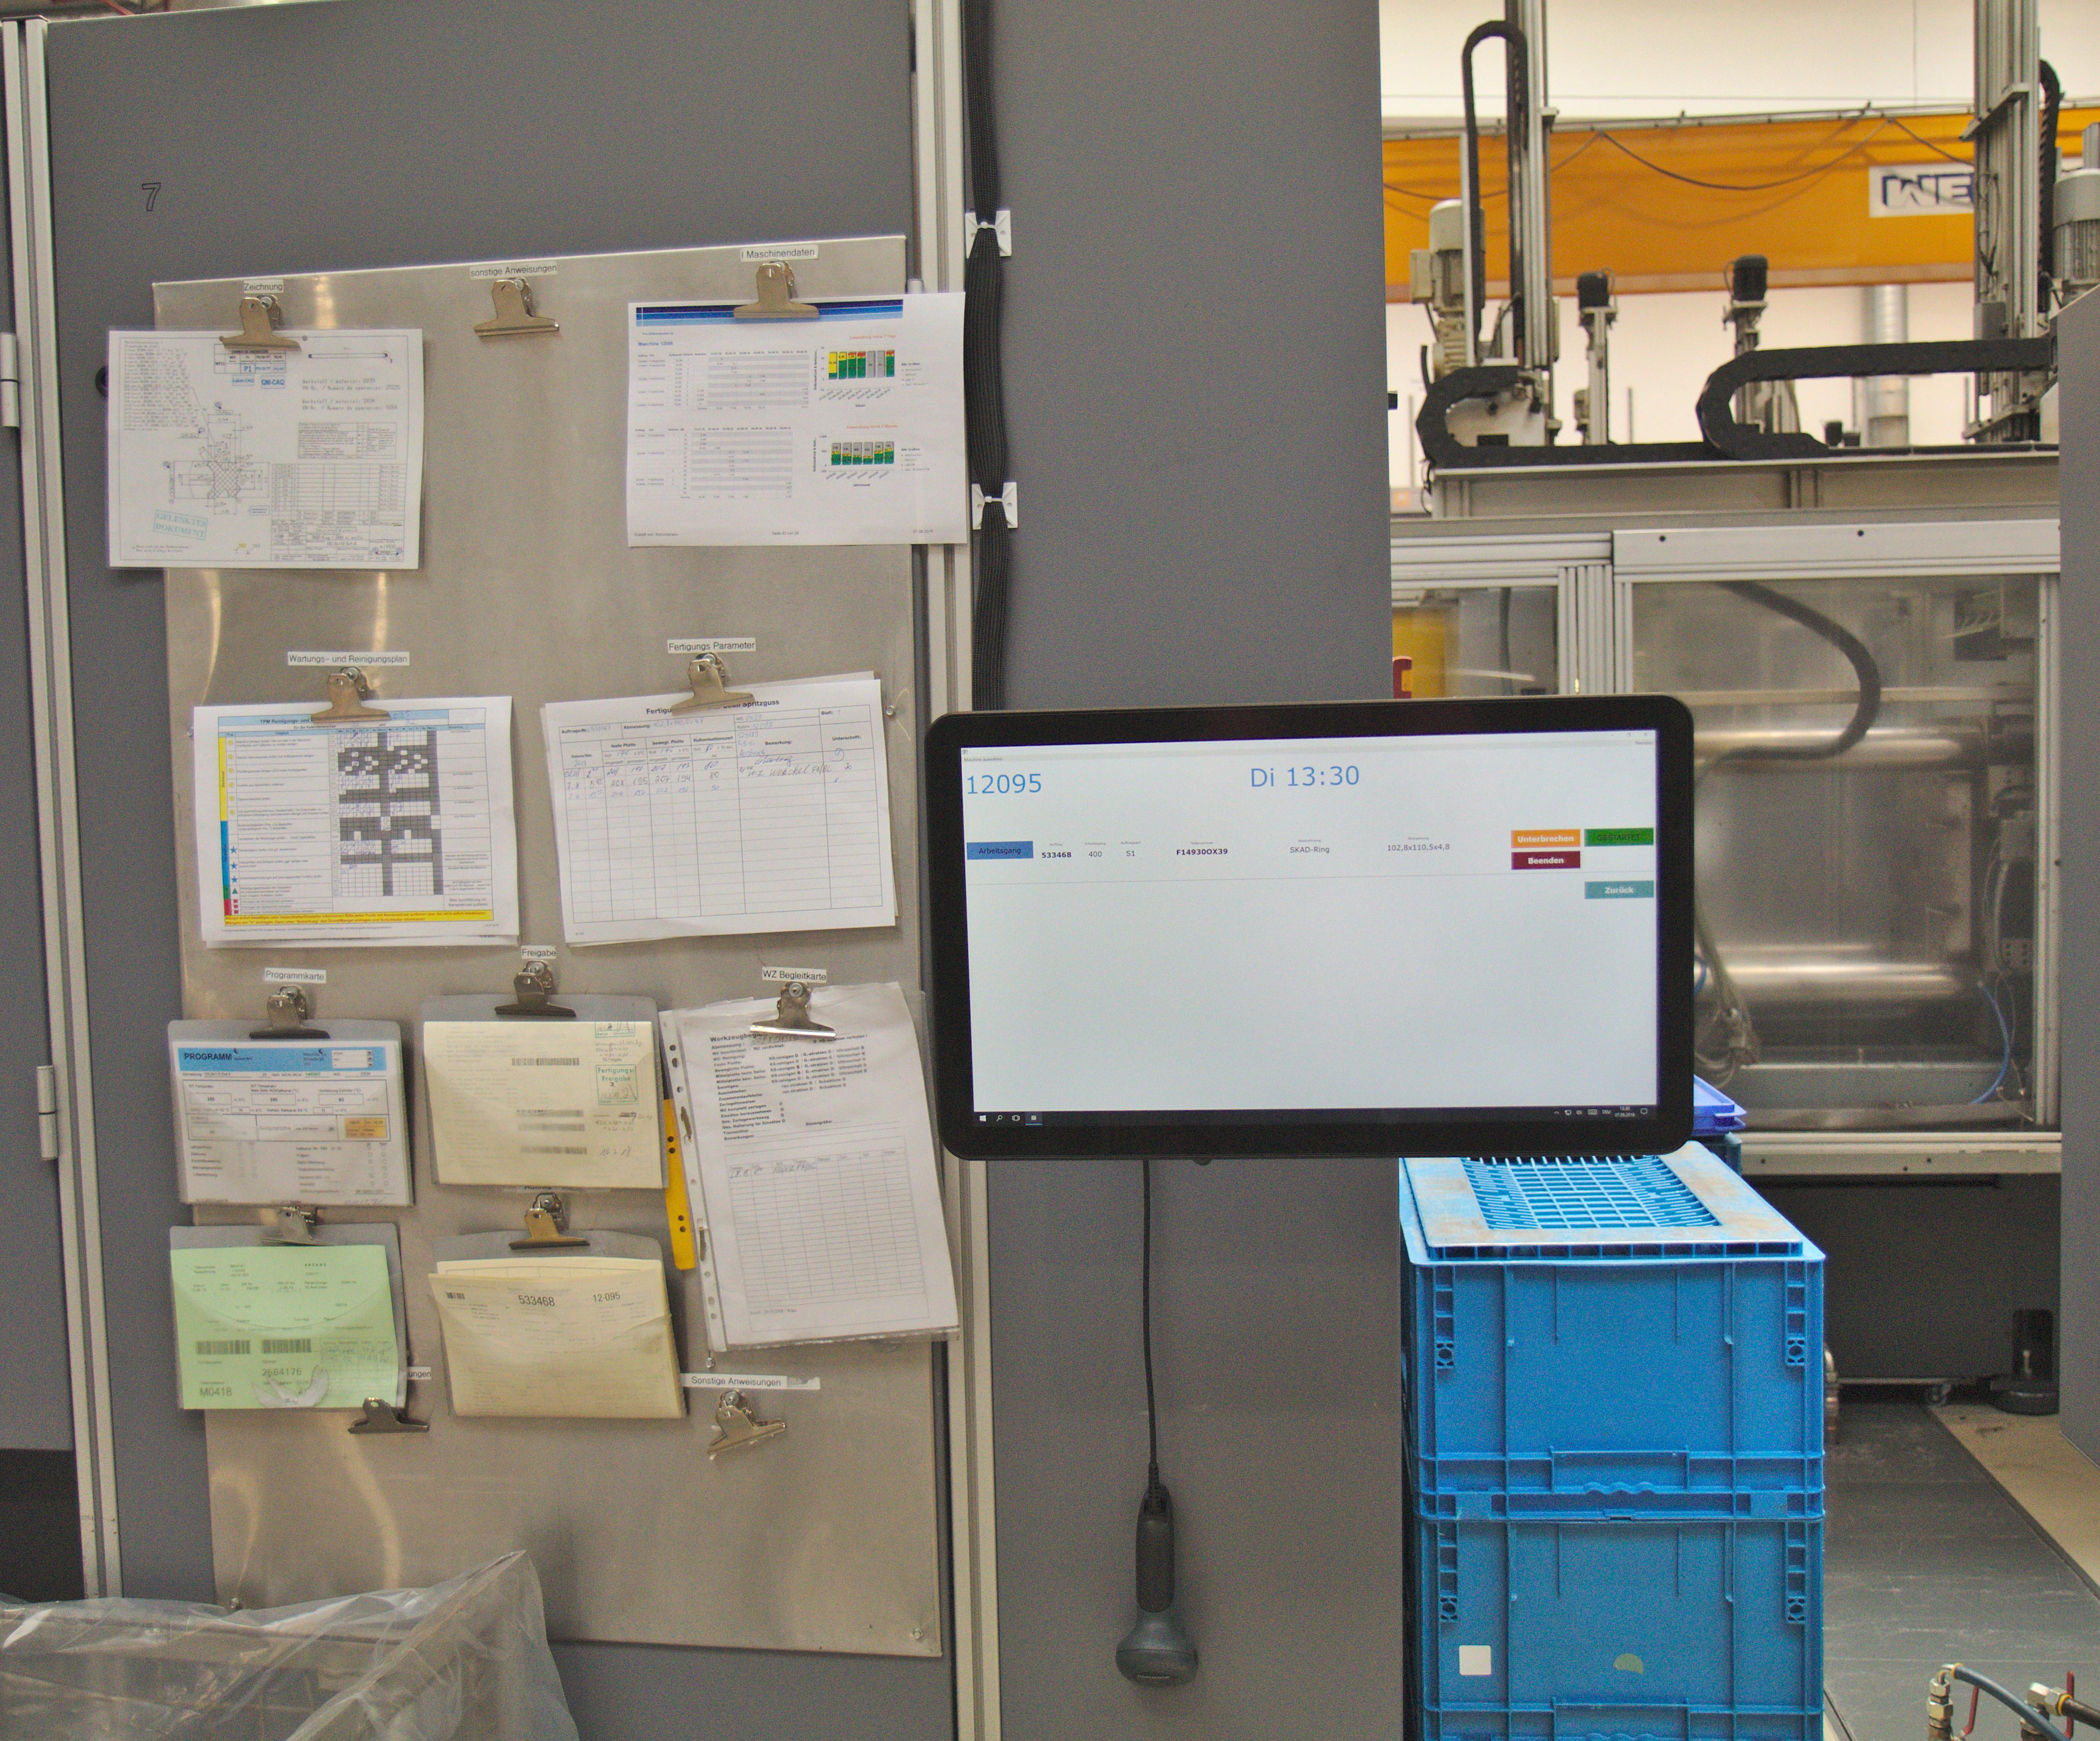 IMG 4959 - Automatisierte Maschinenbeplanung